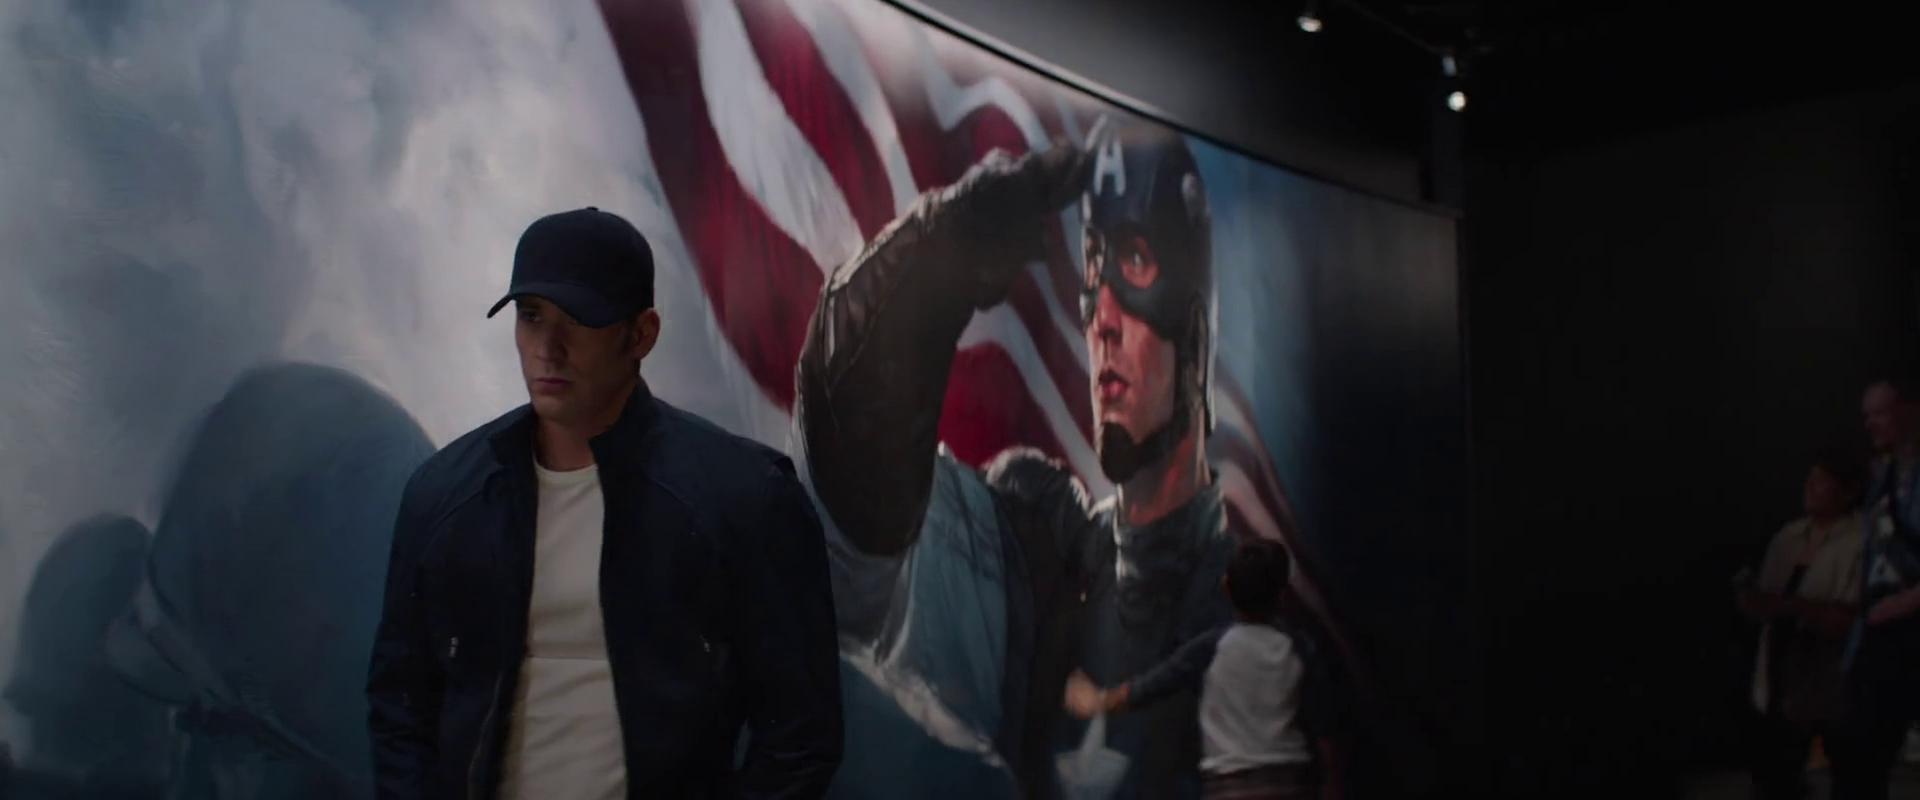 Az <em>Amerika kapitány: A tél katonájá</em>ban Steve Rogers ellátogat az életének és halálának szentelt kiállításra a Smithsonian múzeumban, miközben megpróbálja meglelni a helyét és az életcélját a modern világban.